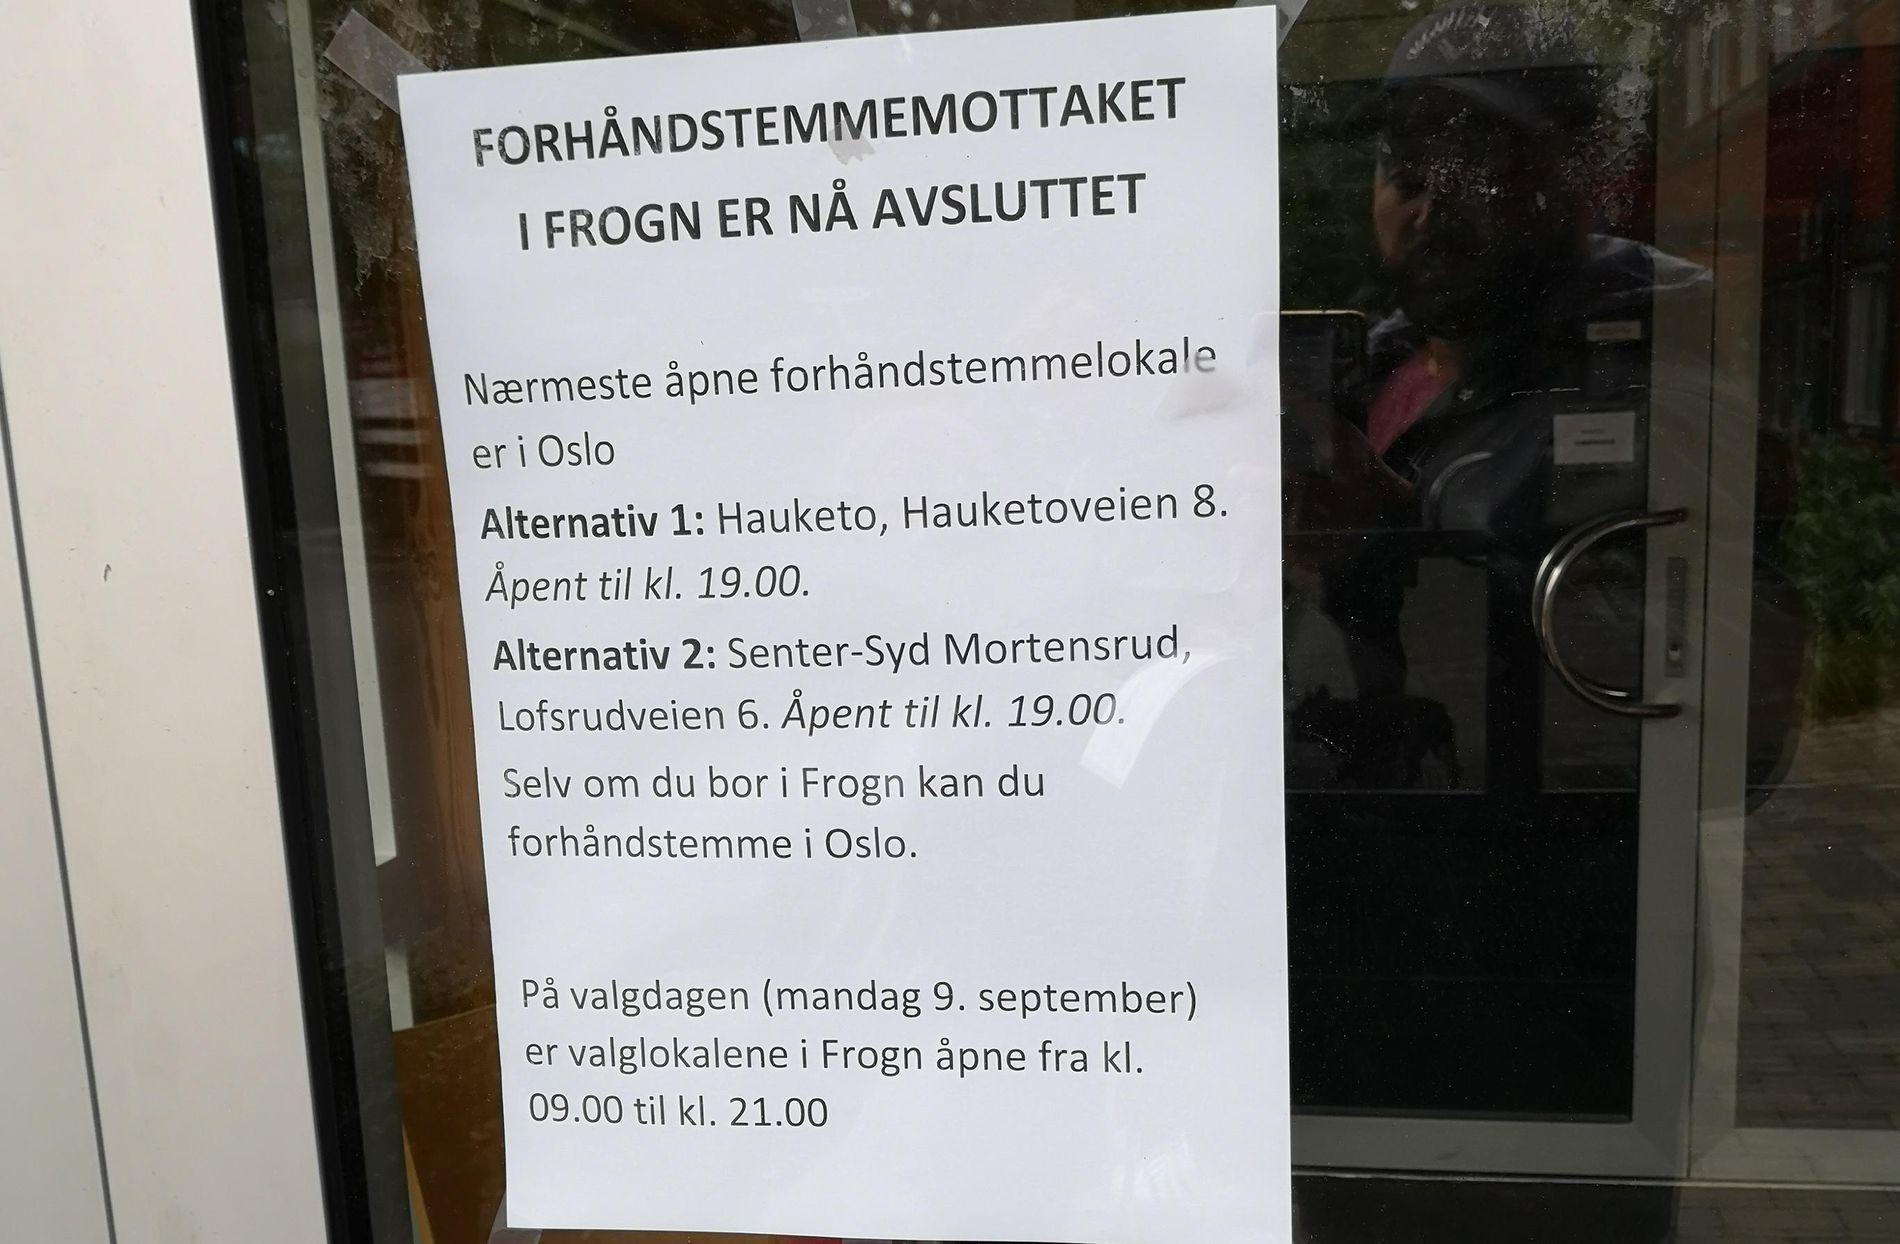 FEILINFORMERT: Dette bildet ble tatt klokken 18.30, da skulle valglokalet vært åpent en halvtime til, ifølge informasjonen fra valg.no